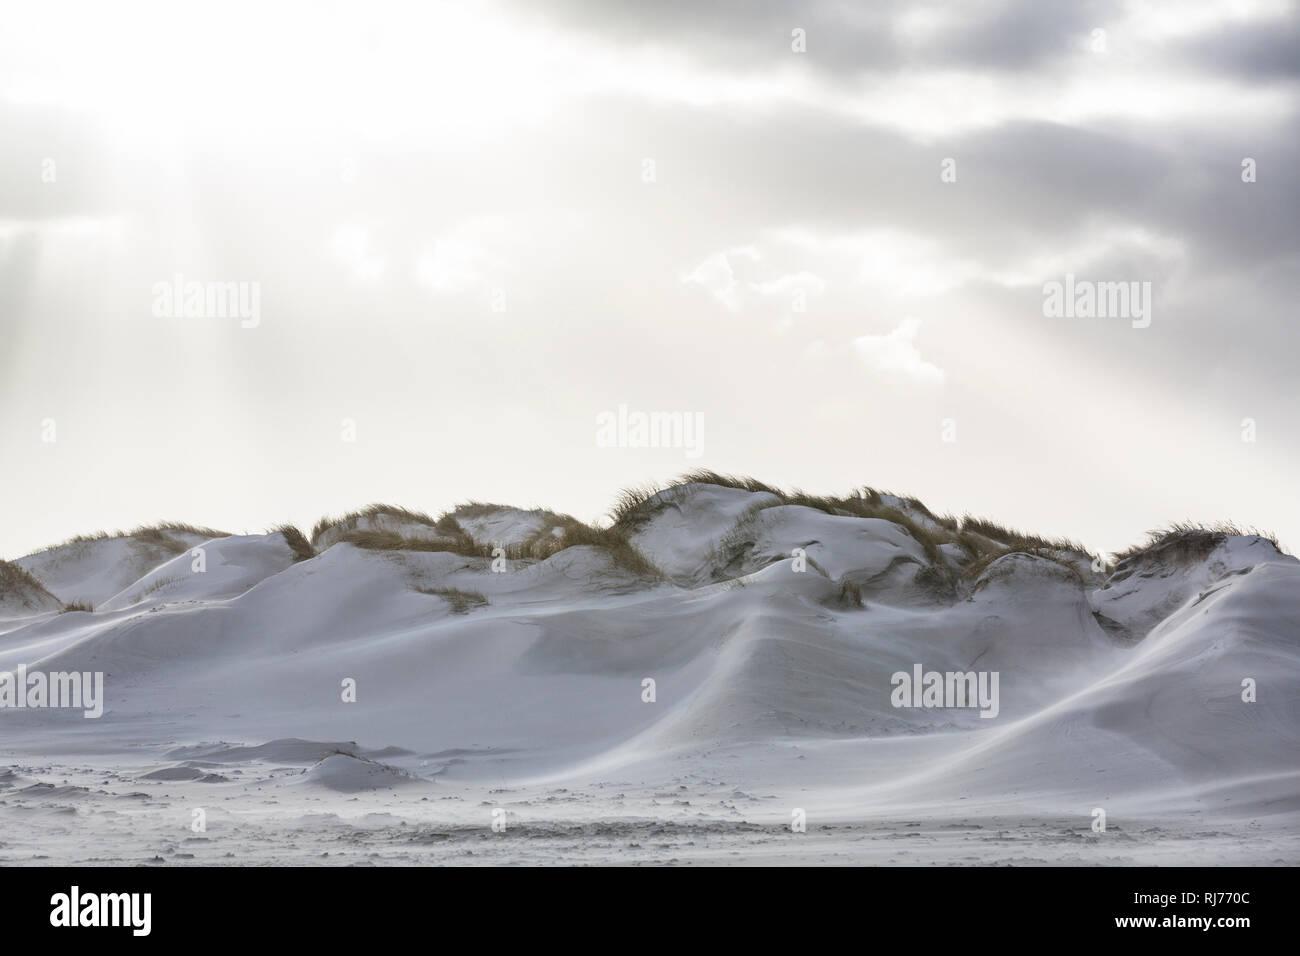 Deutschland, Norddeutschland, Amrum, Dünen im Licht, Detail Stockbild